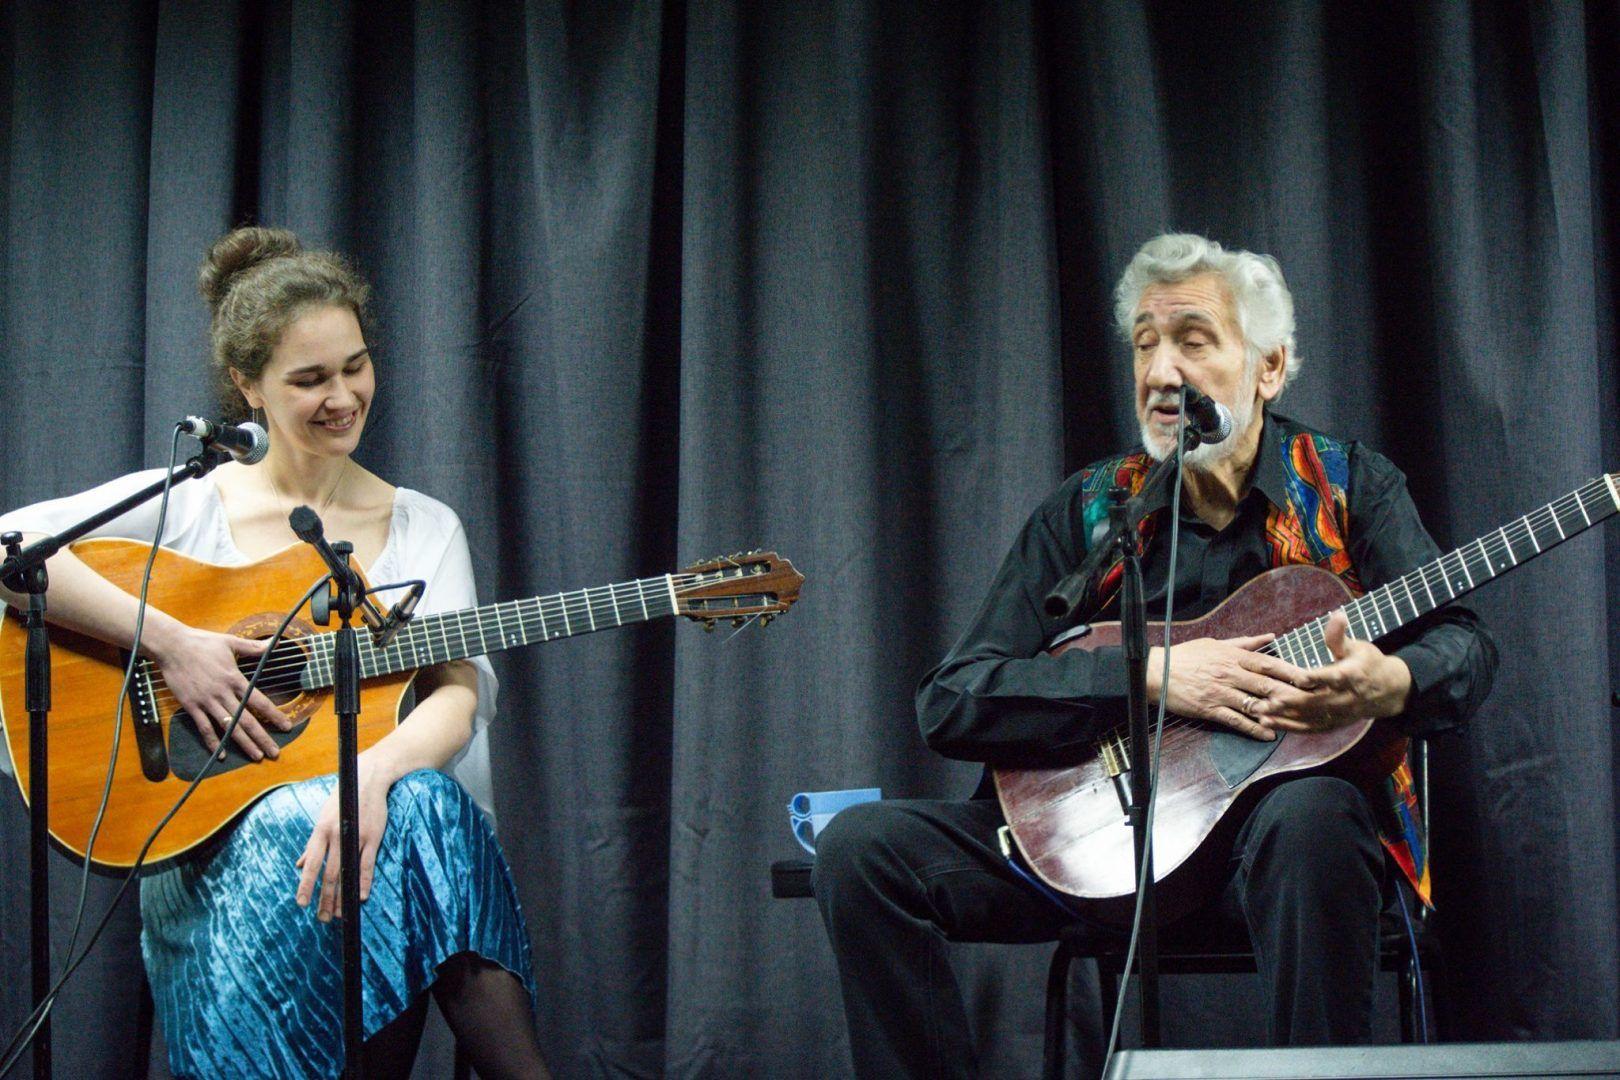 Александр колпаков вместе с женой Марией. Фото: фотограф Дома Ученых Валентина Таран